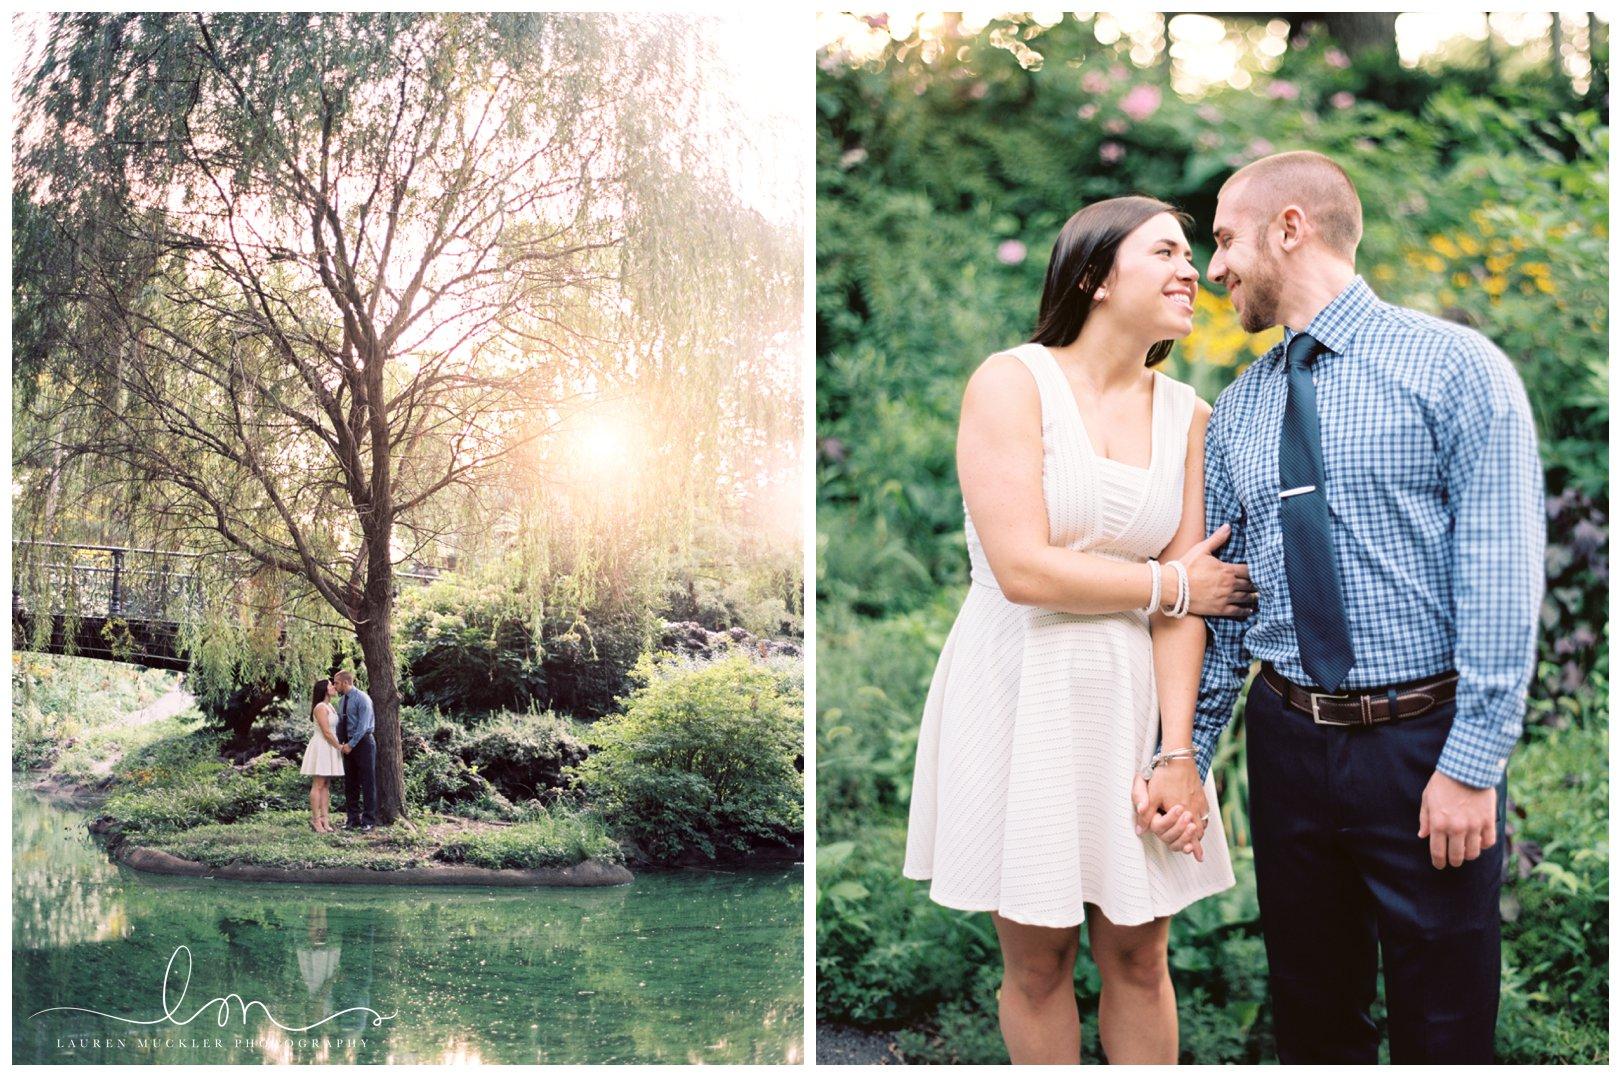 lauren muckler photography_fine art film wedding photography_st louis_photography_0537.jpg